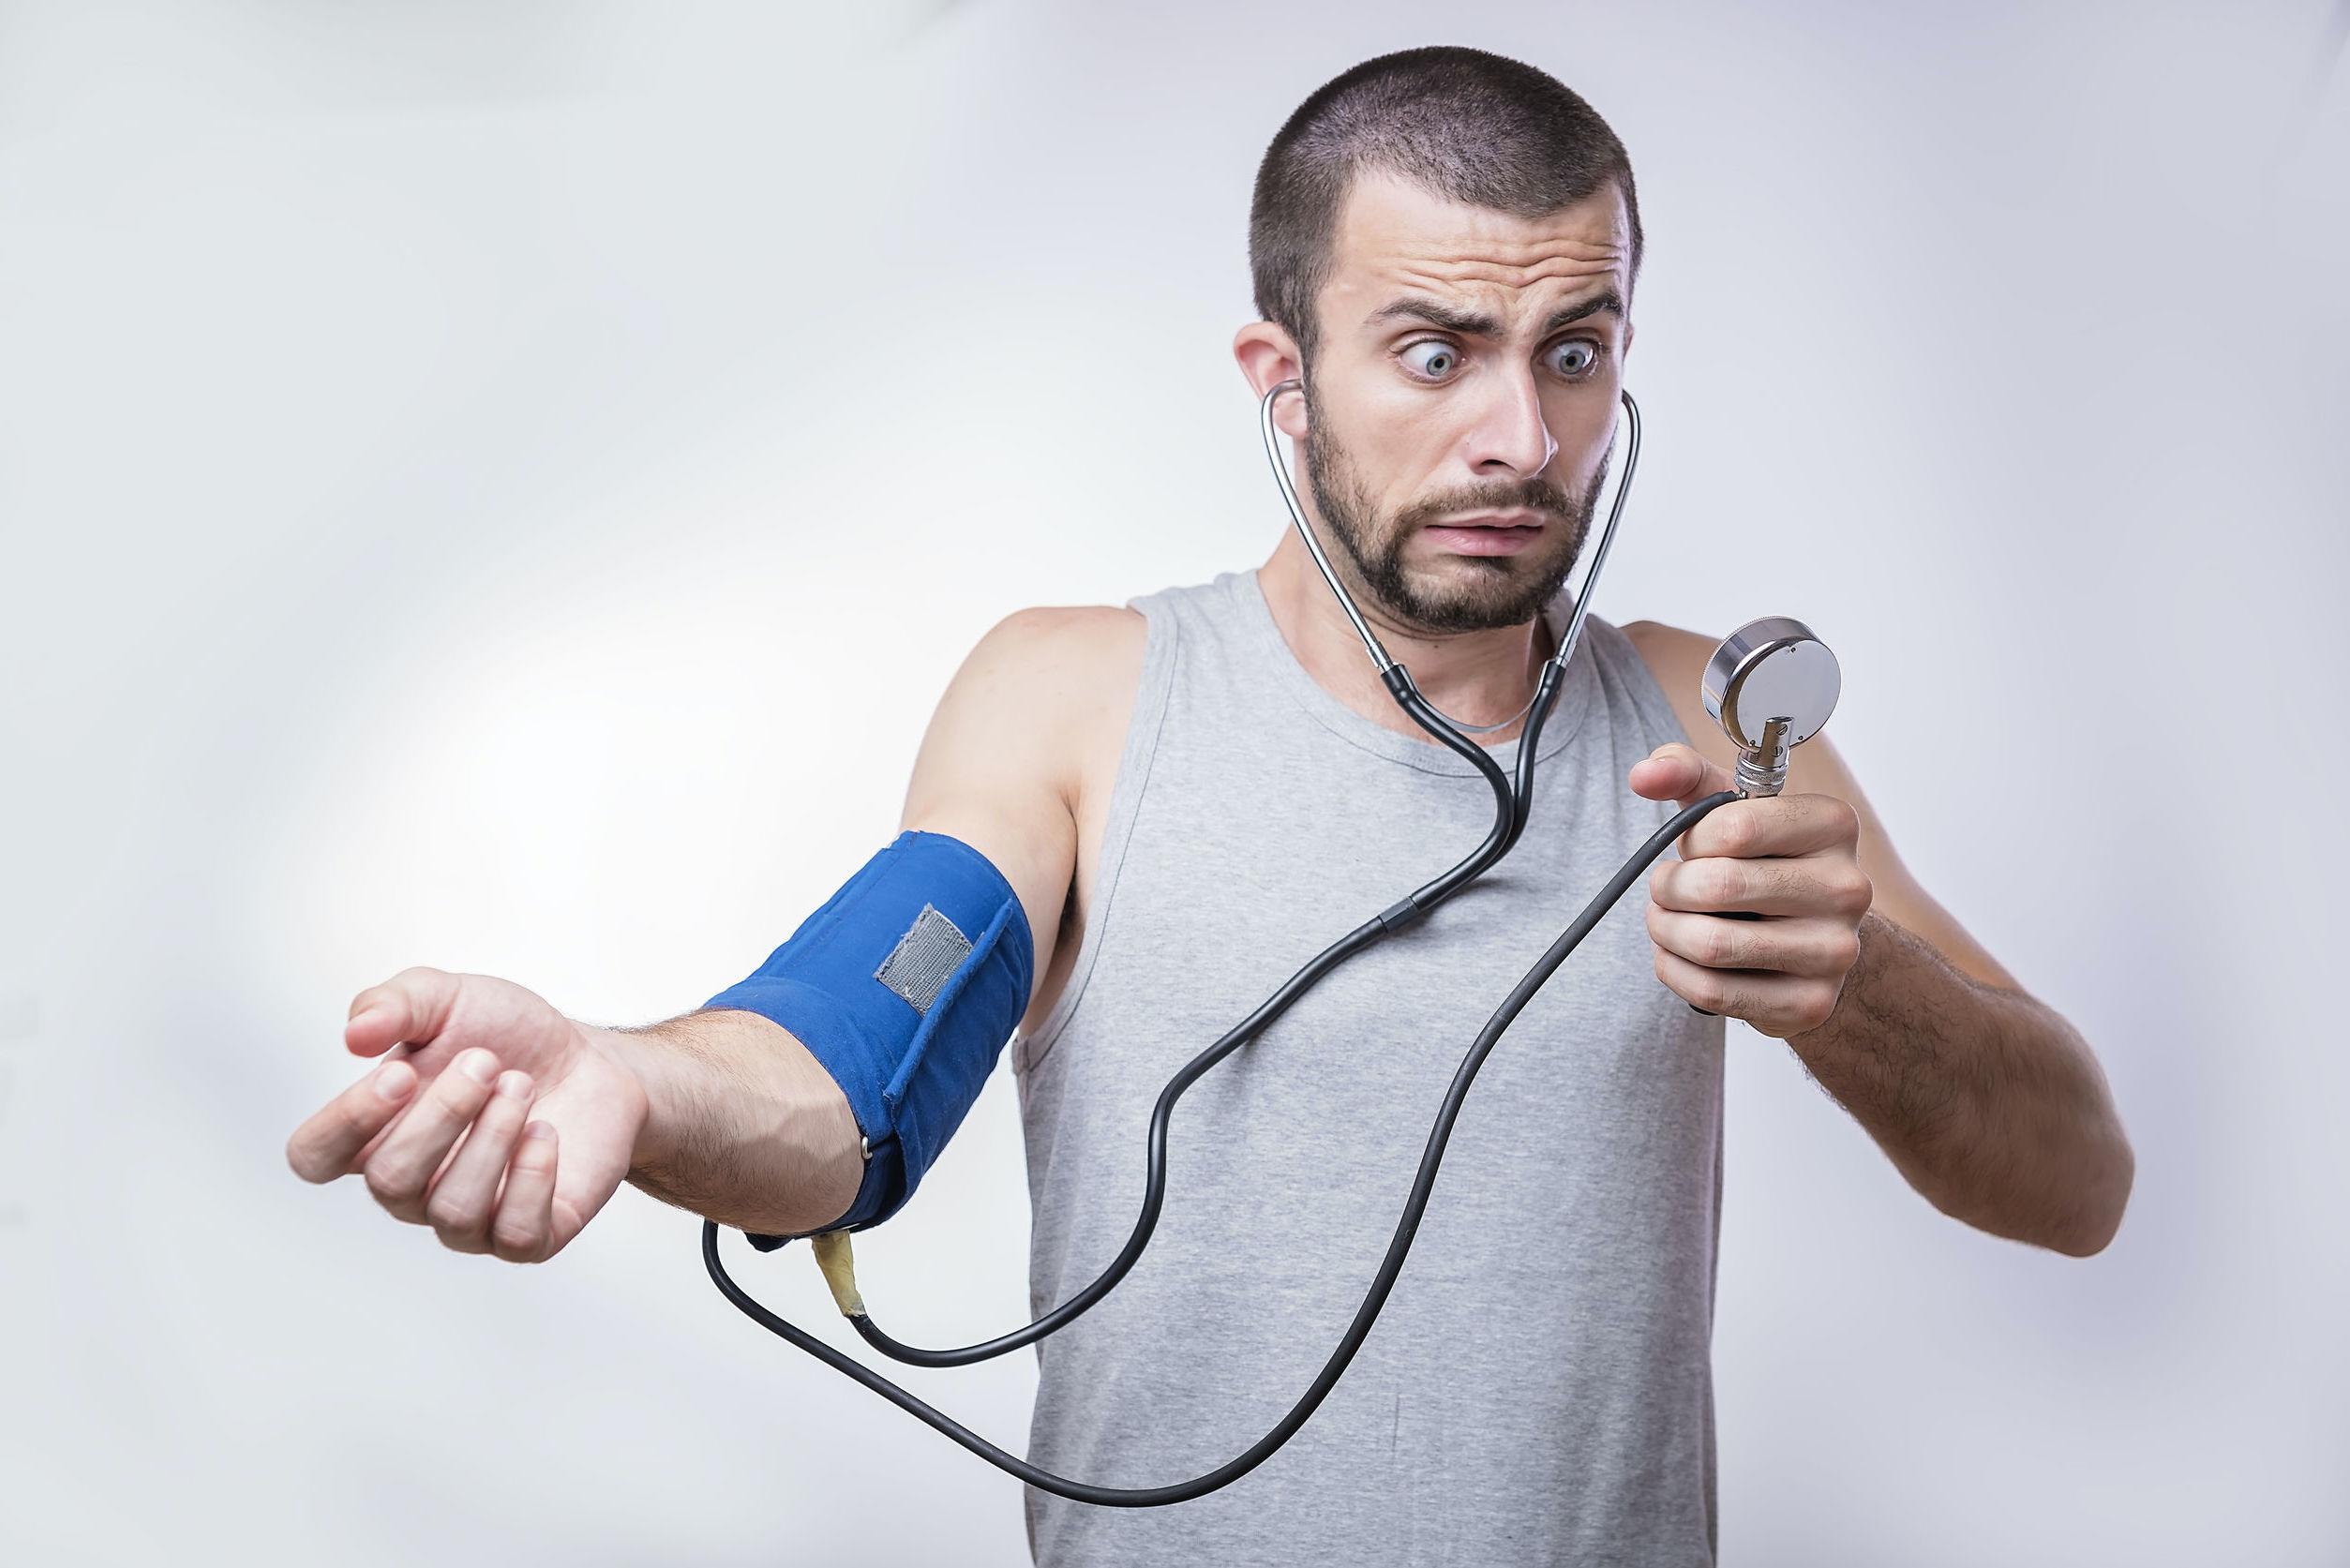 magas vérnyomás tünetek megelőzése hogyan lehet diagnosztizálni a magas vérnyomást